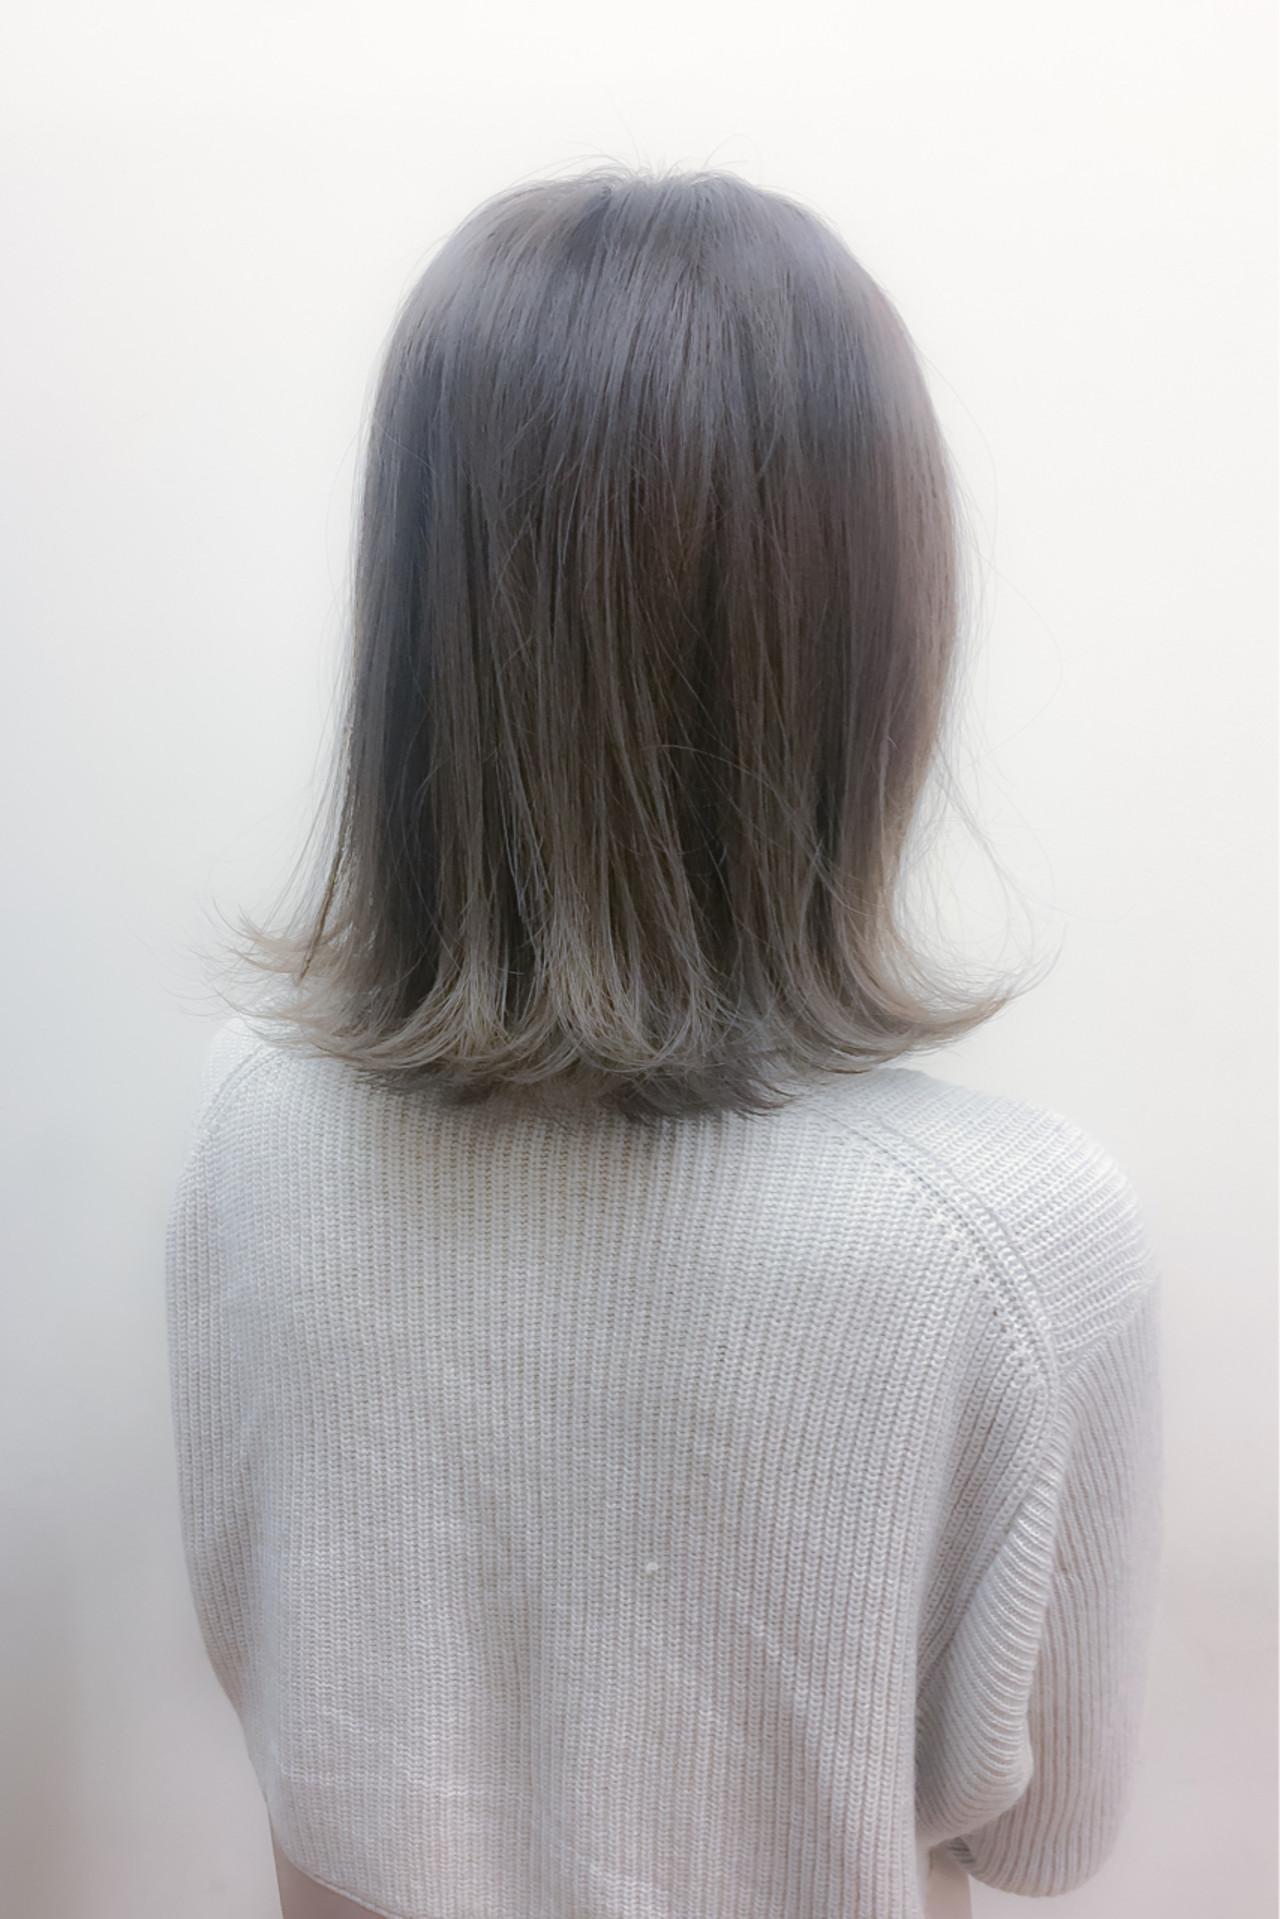 ミディアム グラデーションカラー アッシュ ストリート ヘアスタイルや髪型の写真・画像 | 井手口 倫也 / luve heart's And Be+Eclat